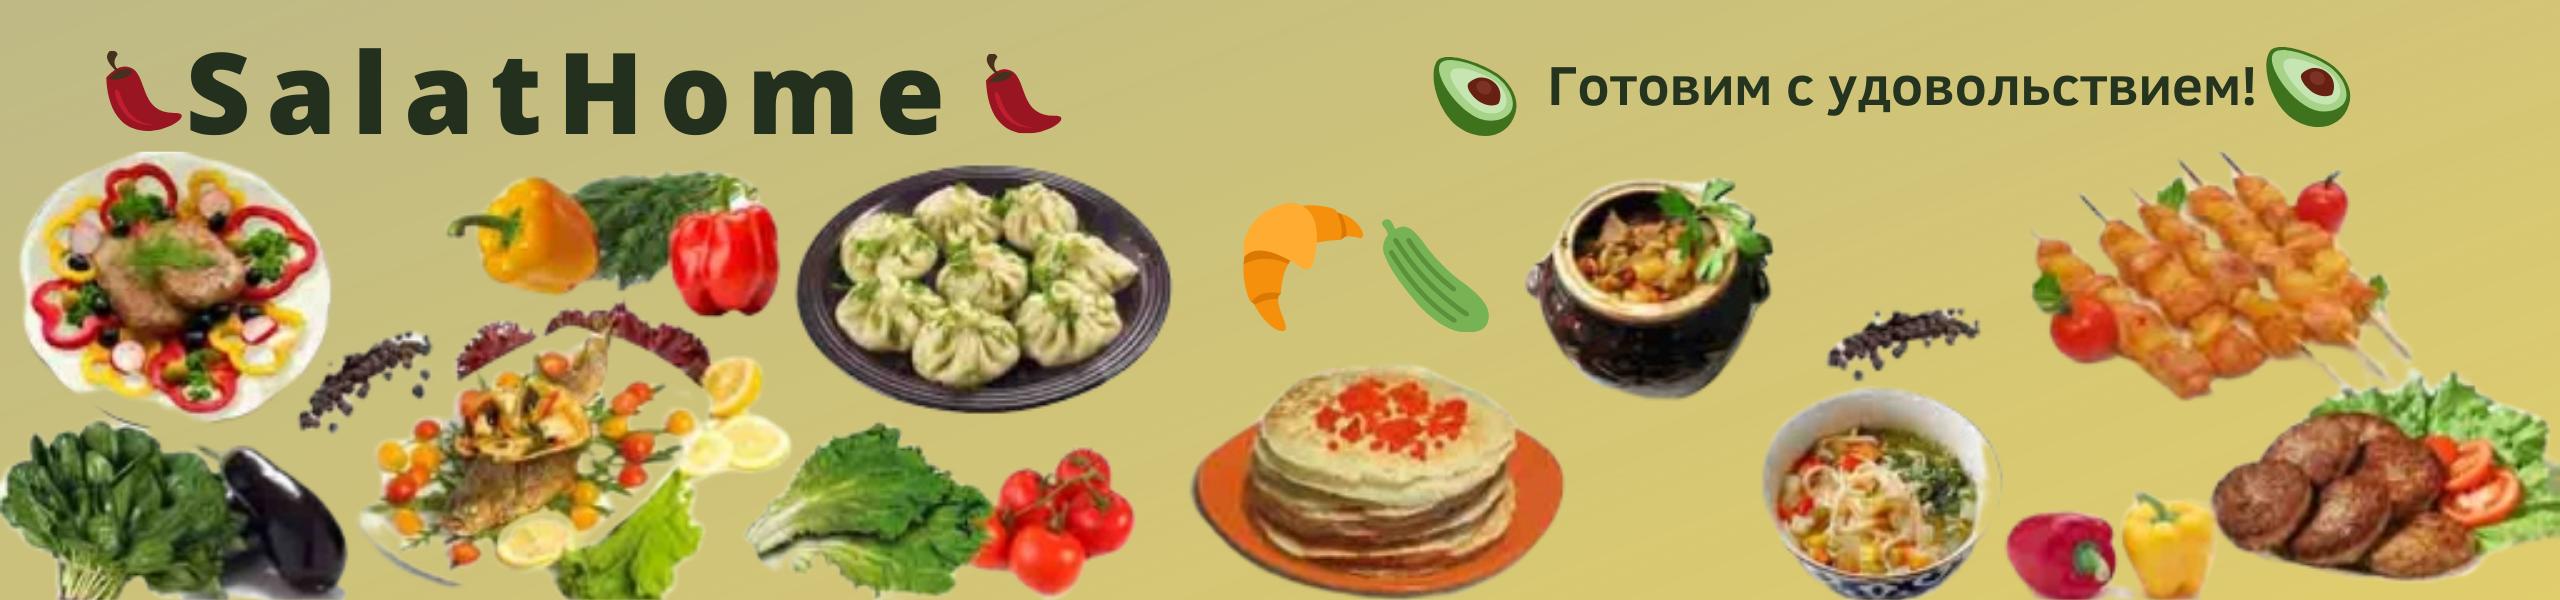 SalatHome